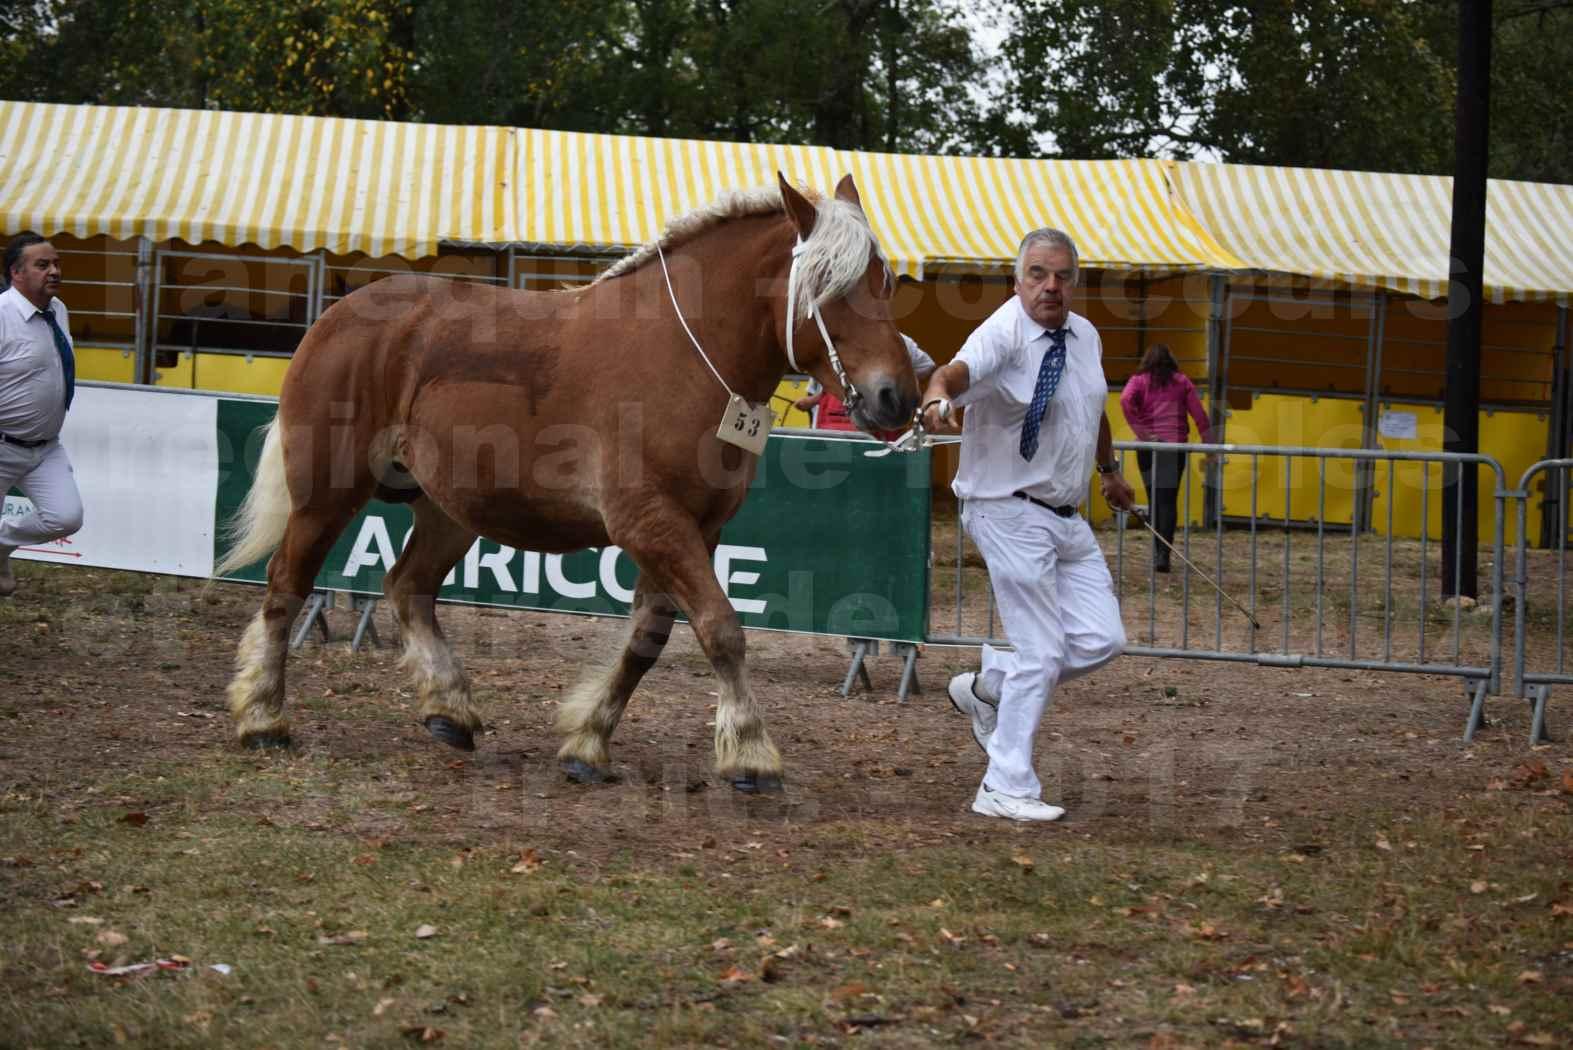 Concours Régional de chevaux de traits en 2017 - Jument & Poulain COMTOIS - BAILLA DU CLOS - 15